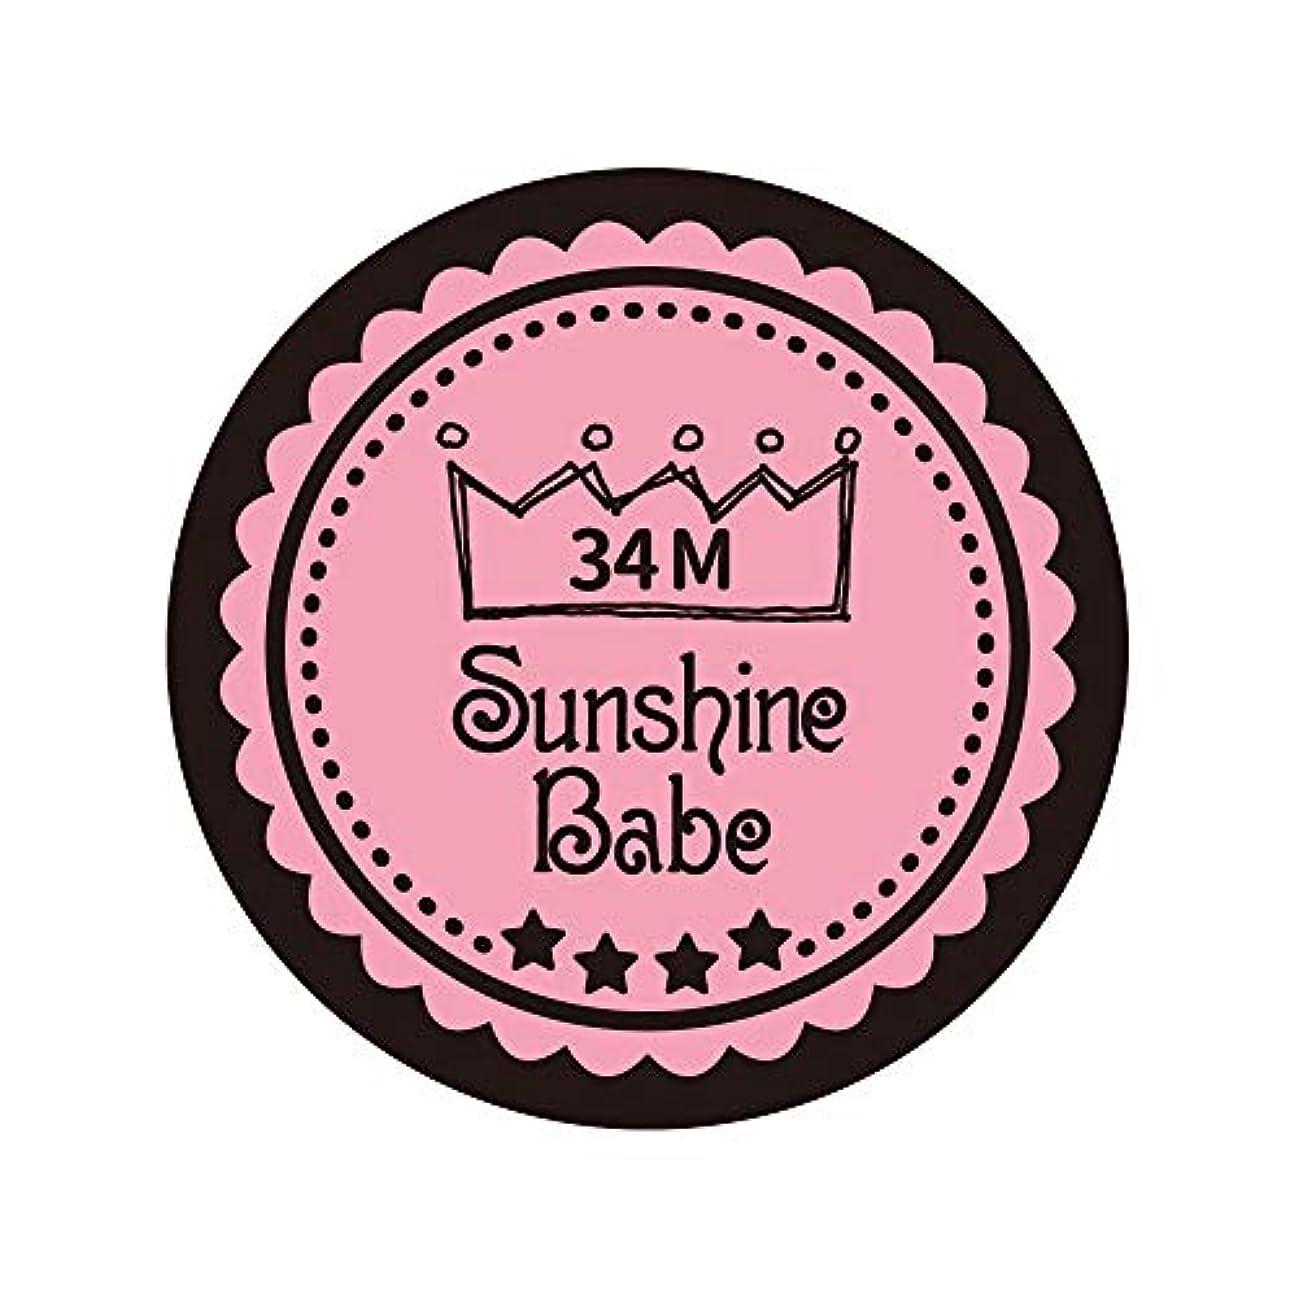 不規則な意気揚々漁師Sunshine Babe カラージェル 34M メロウローズ 2.7g UV/LED対応